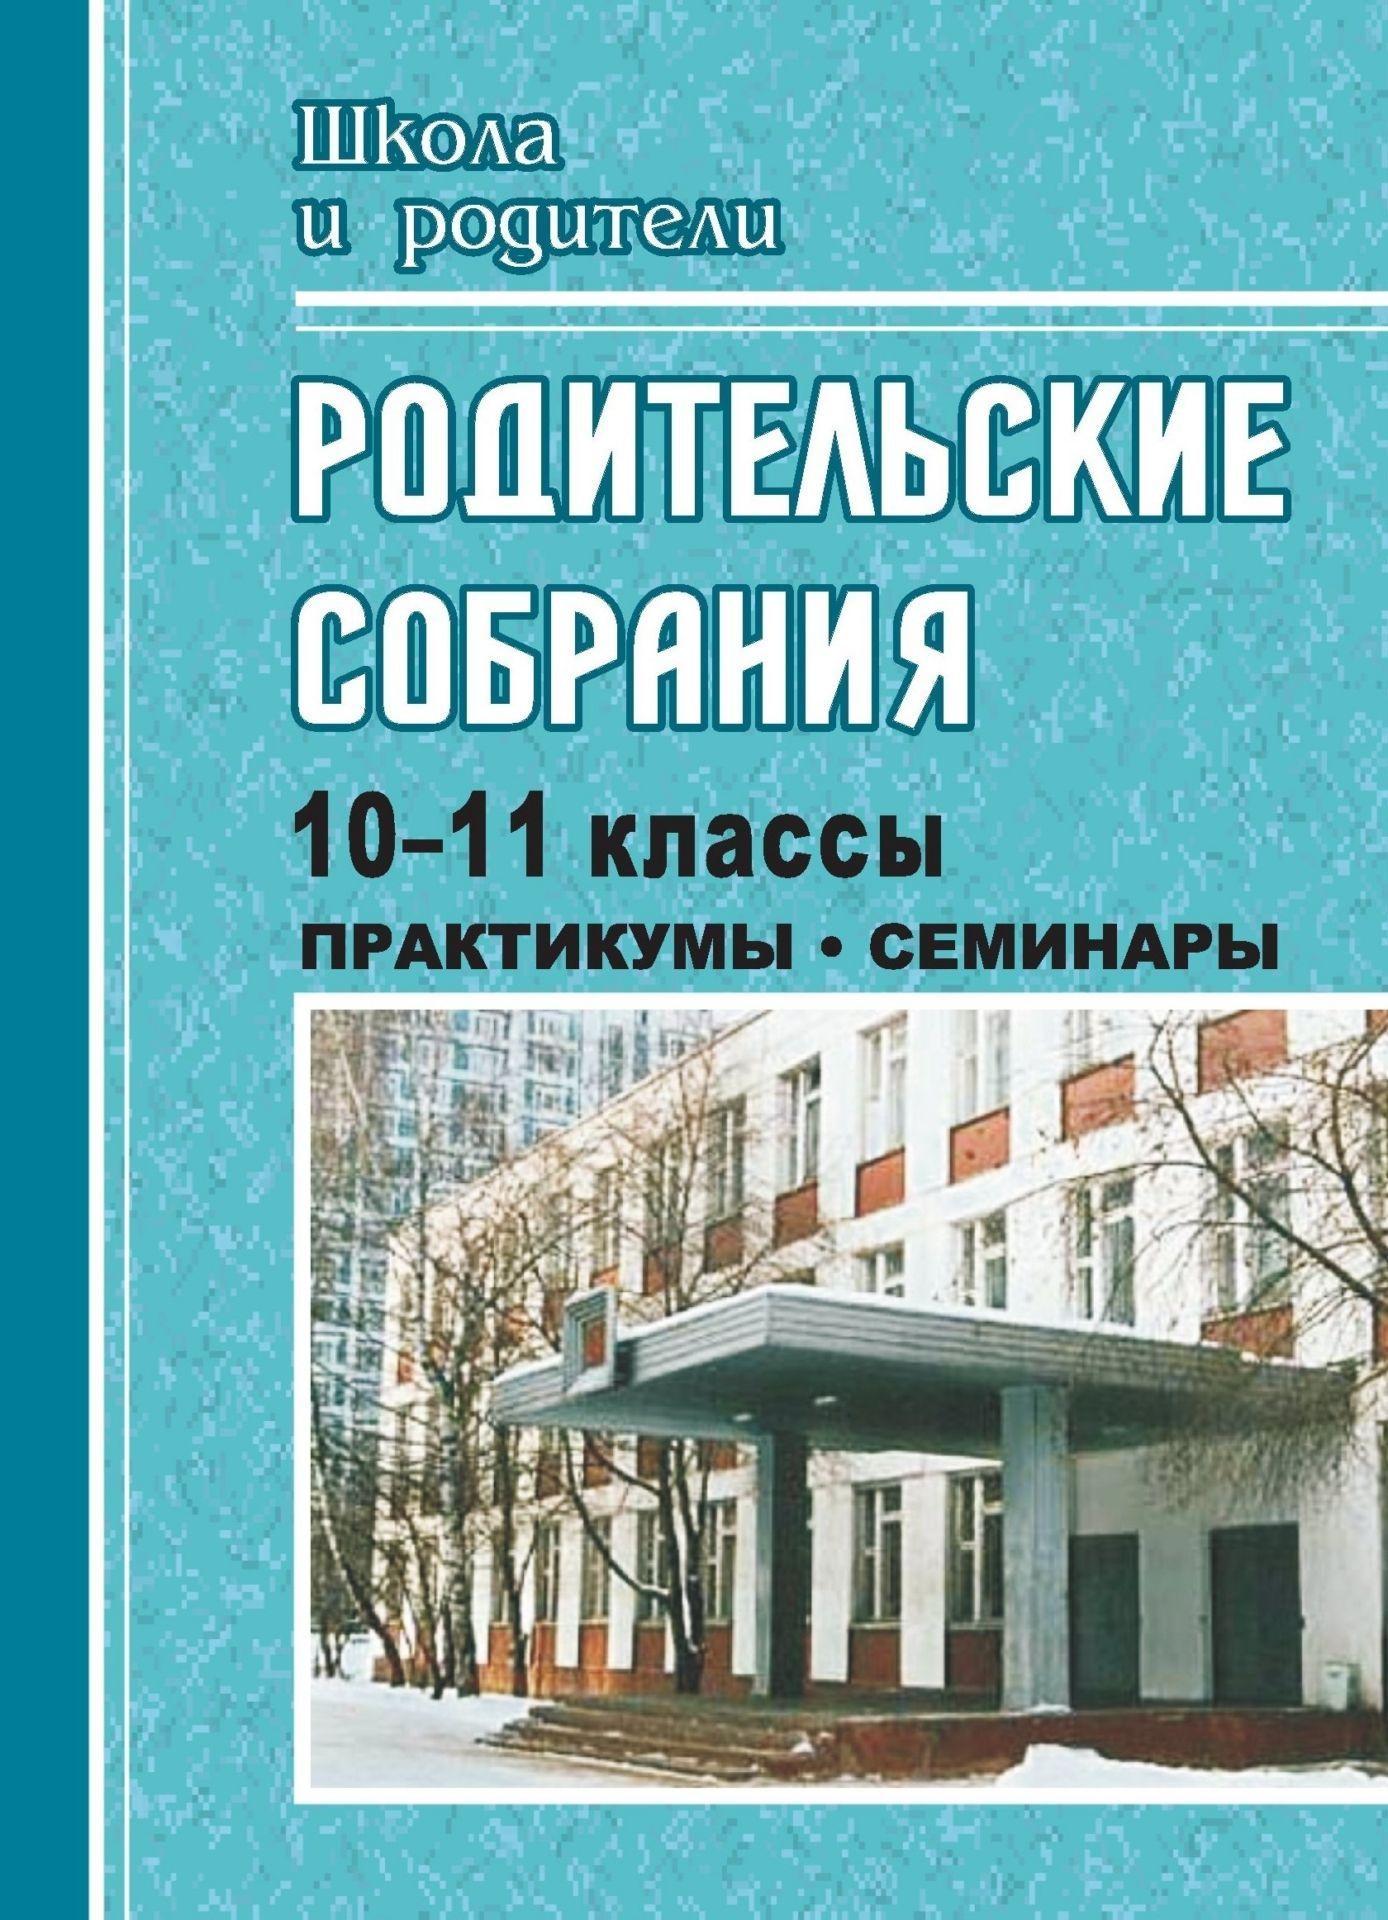 Родительские собрания. 10-11 кл. Практикумы, семинары